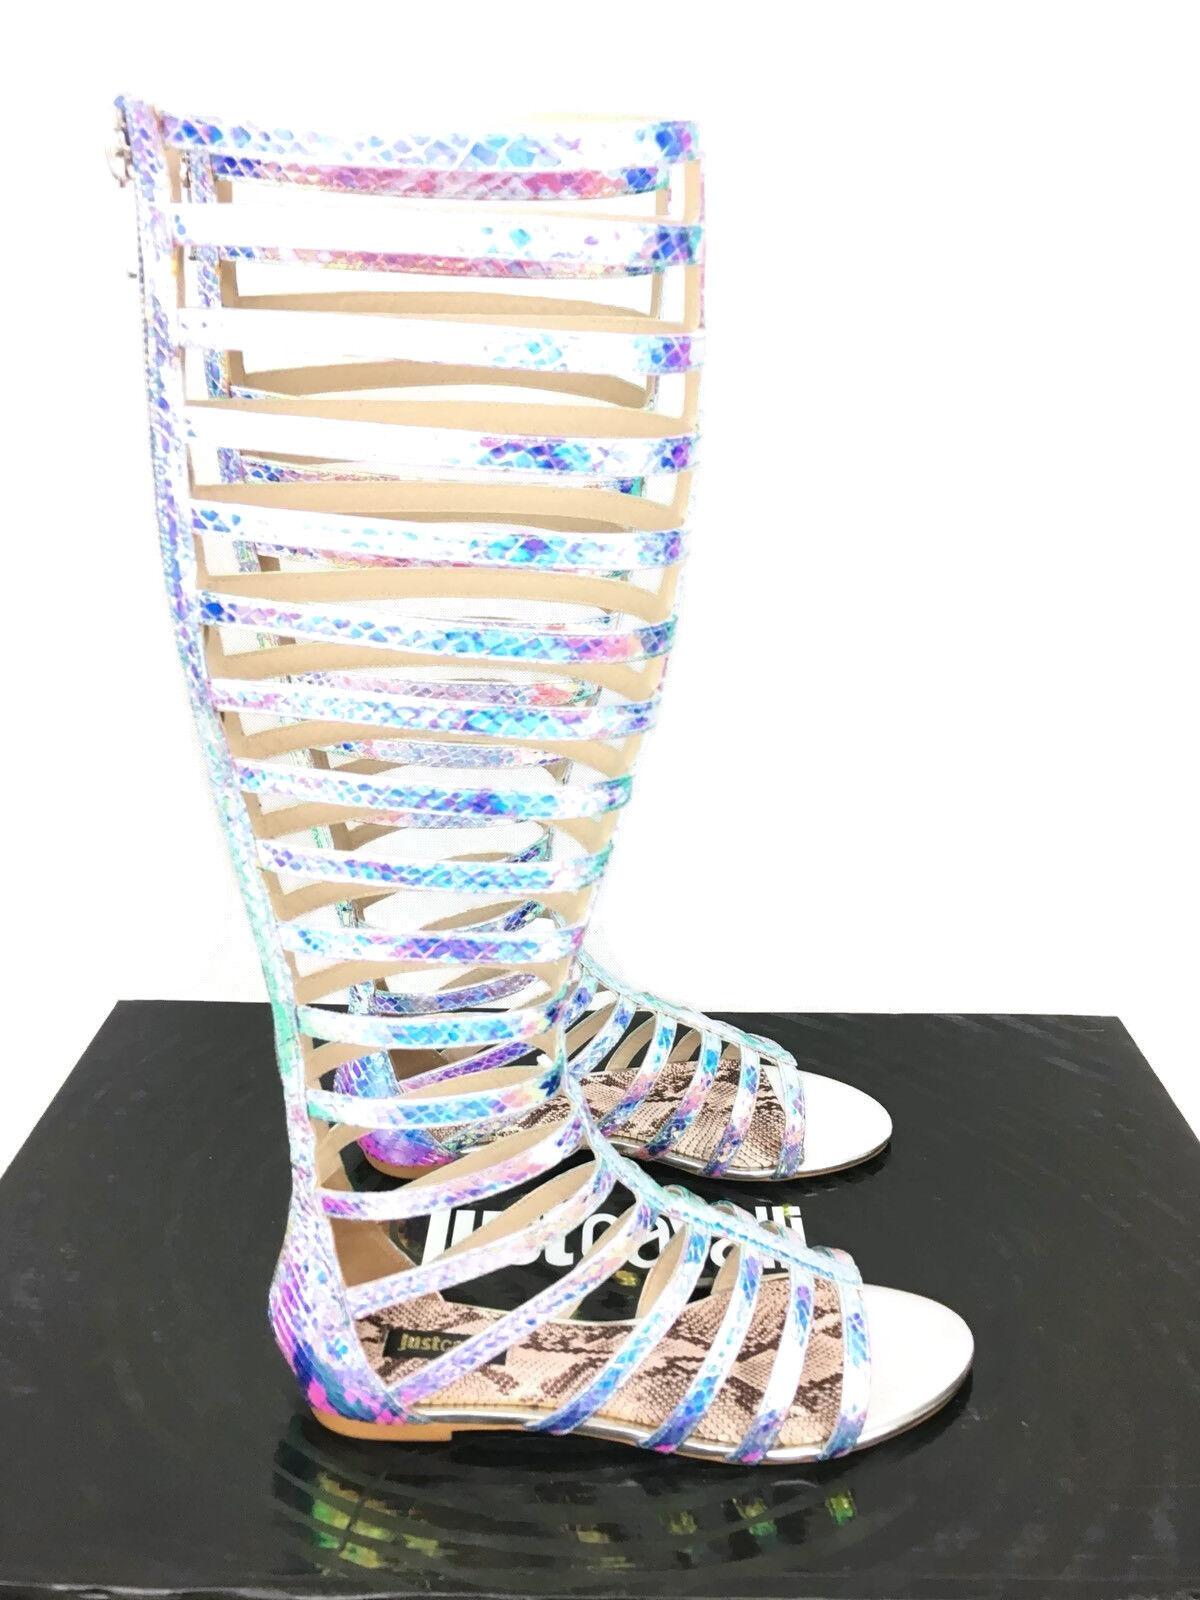 Bara Cavali Hologram Hologram Hologram Gladiator Sandaler - Multi - EU 37  Förenade kungariket  utlopp till salu